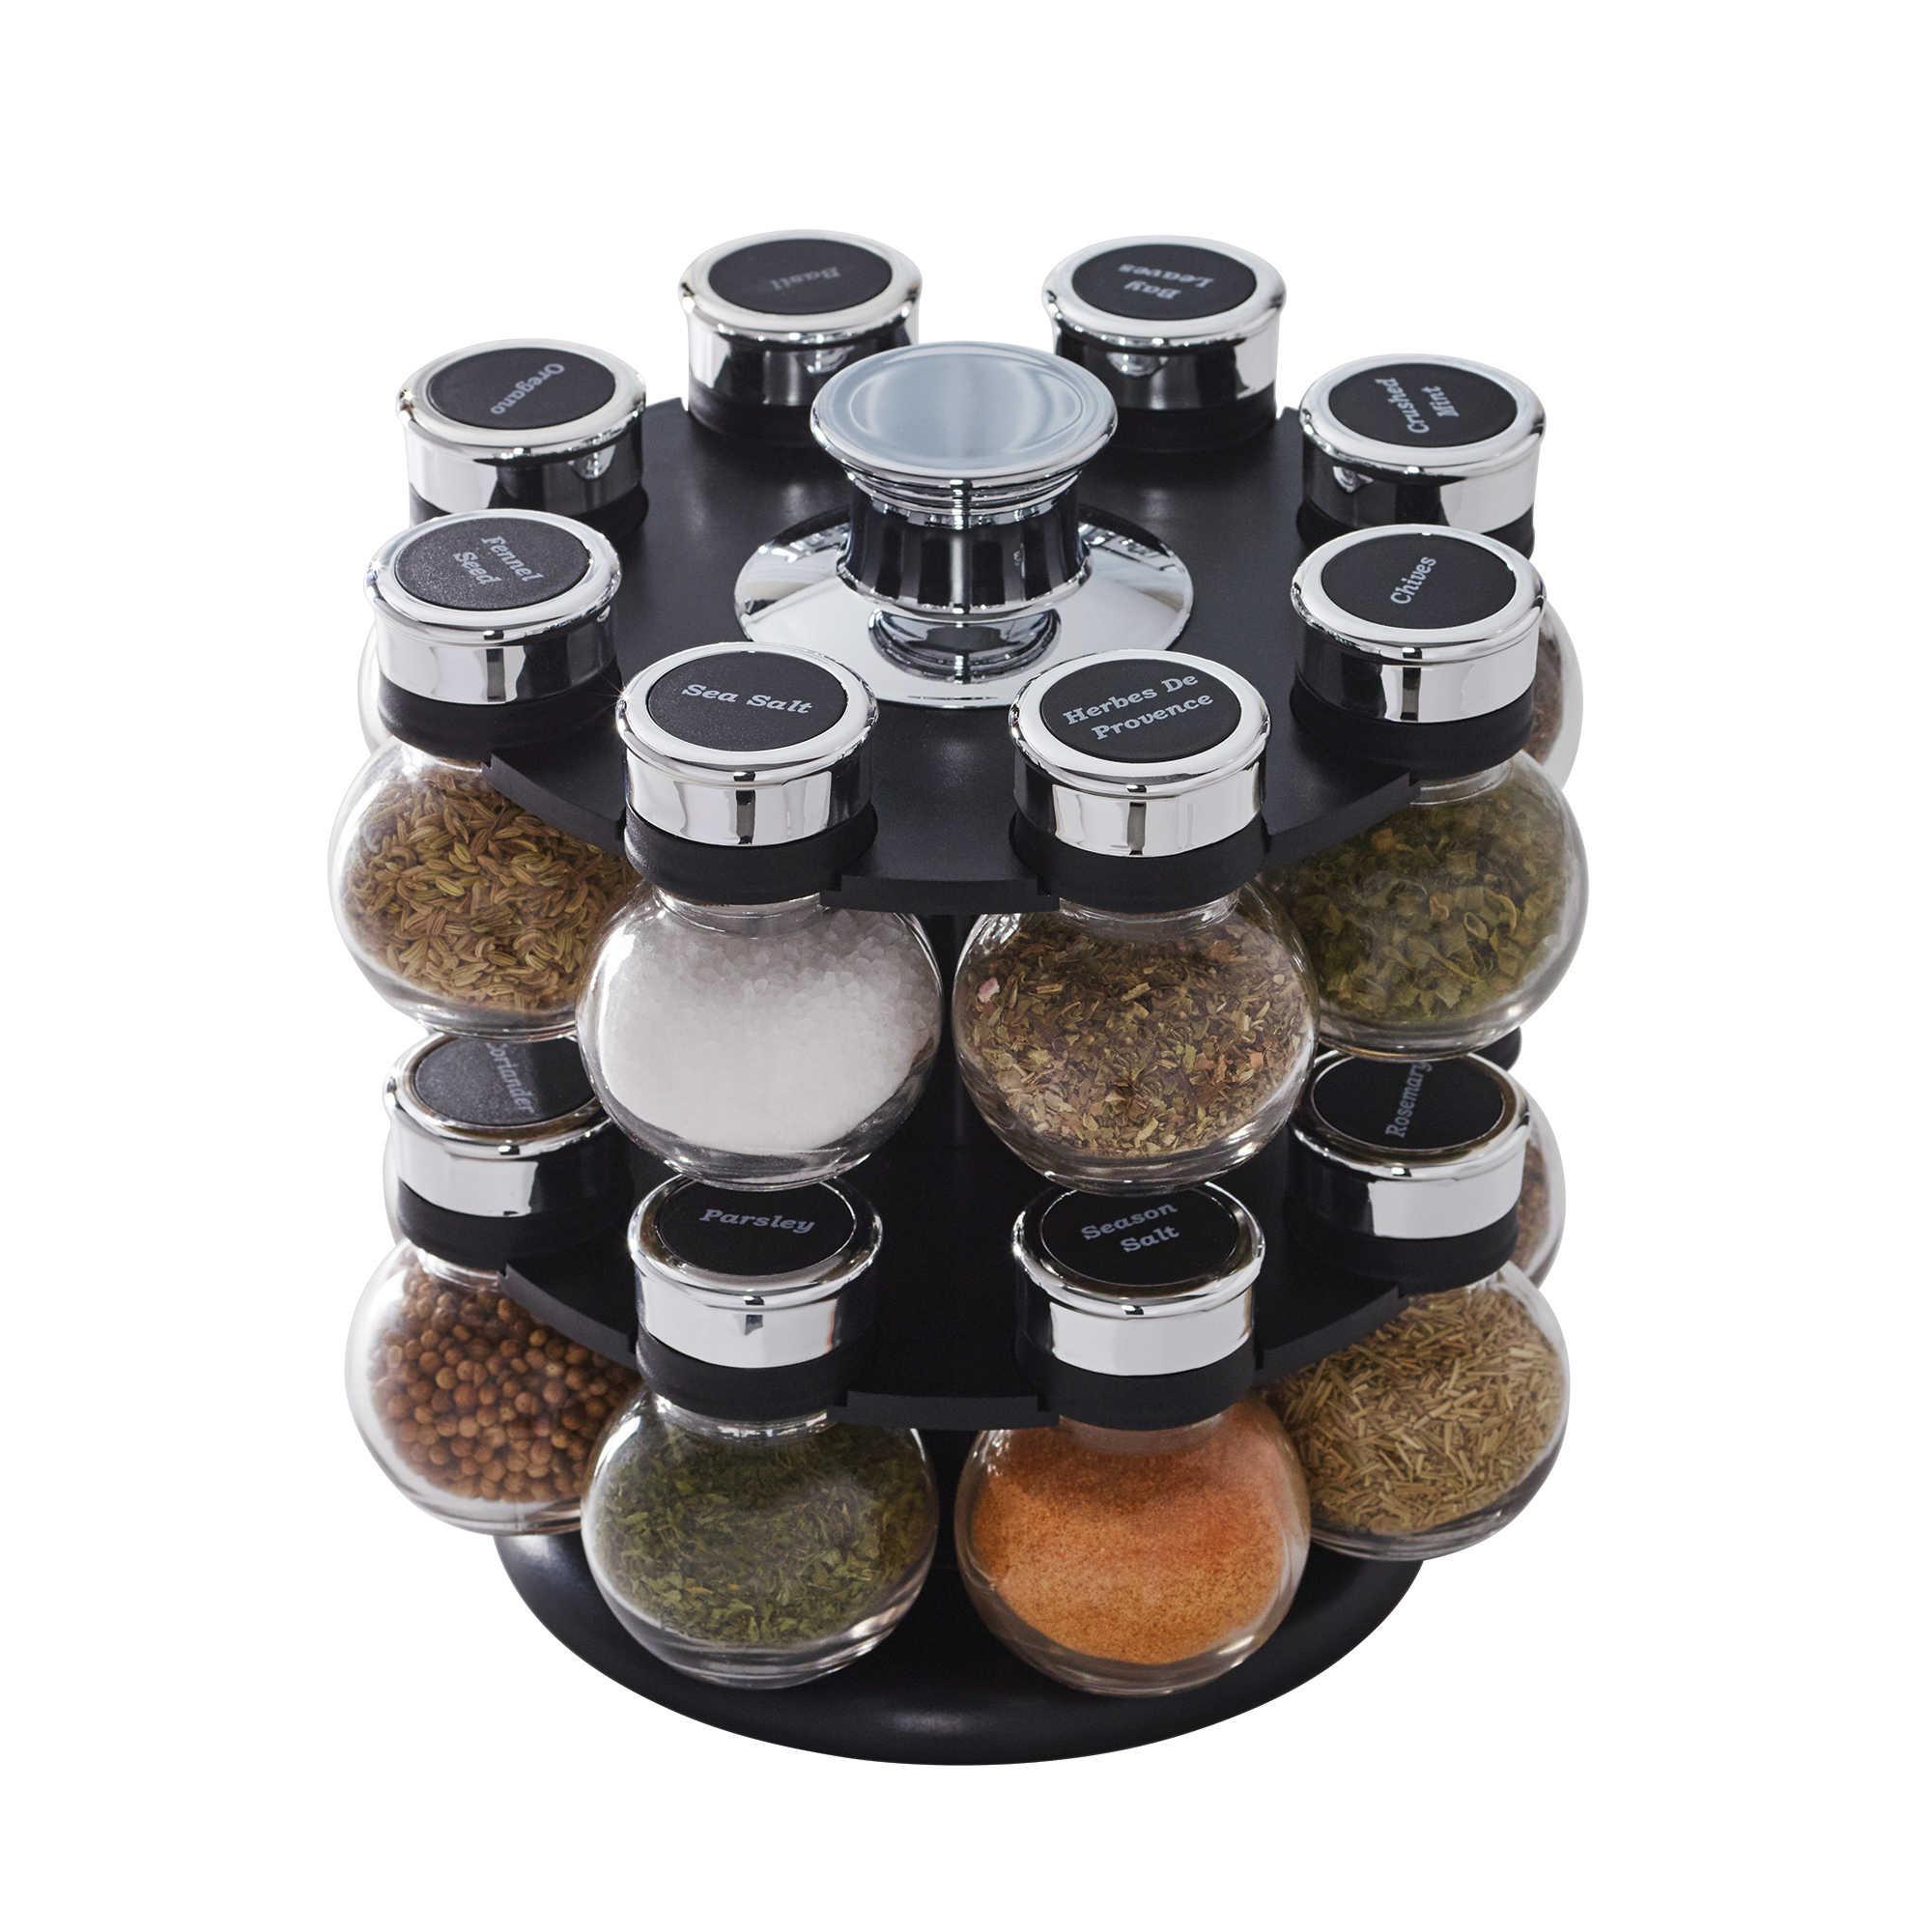 12 Jars Revolving Spice Rack